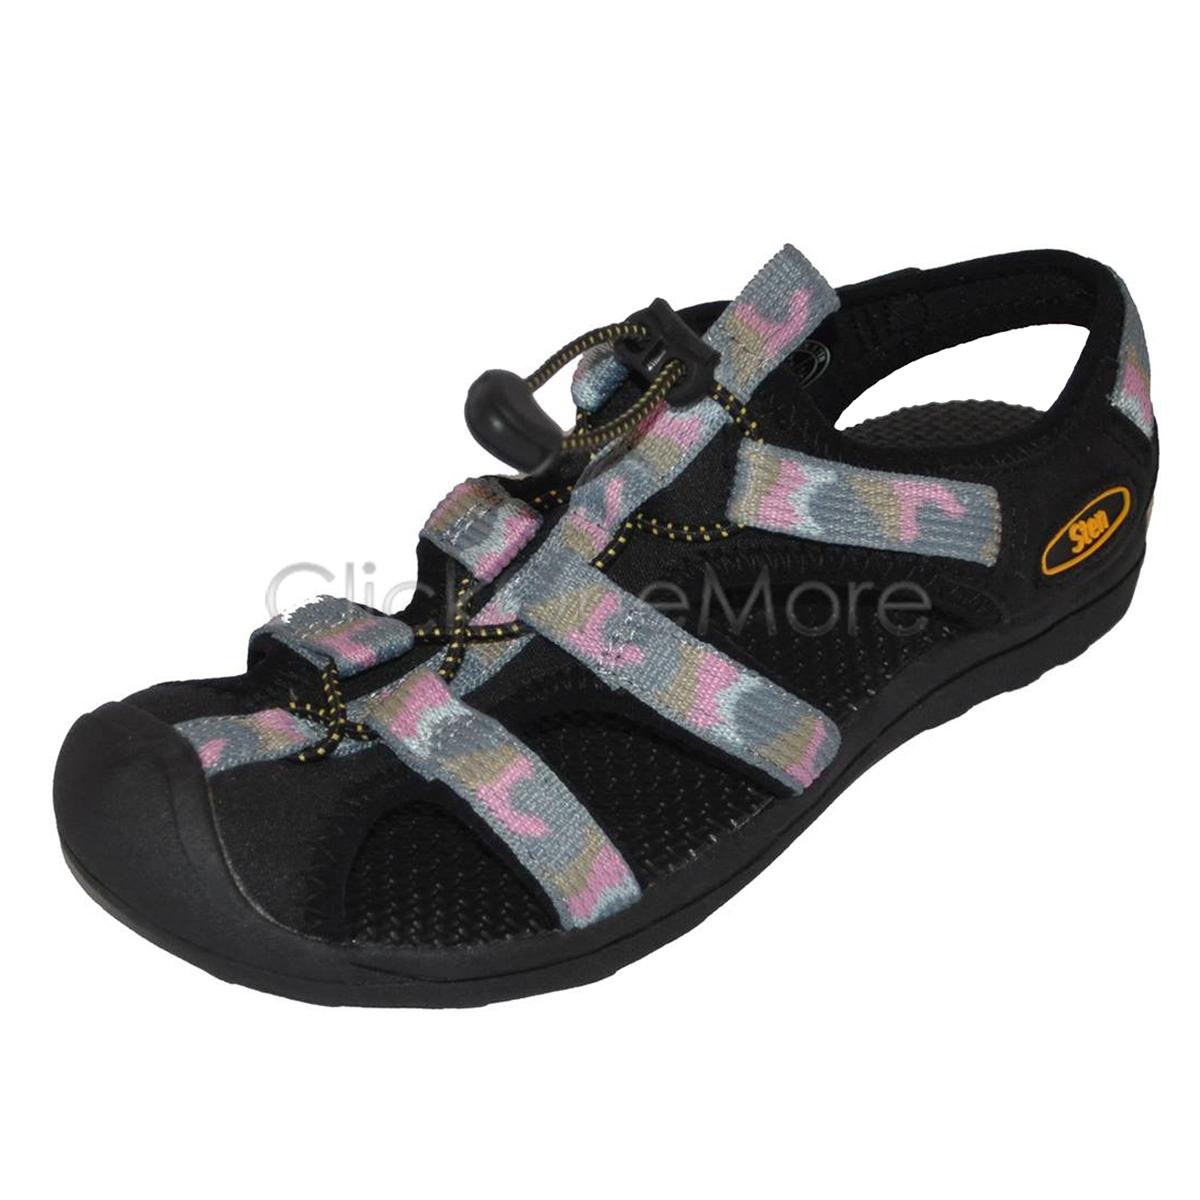 Mx Womens Sport Sandals Summer Hiking Trekking